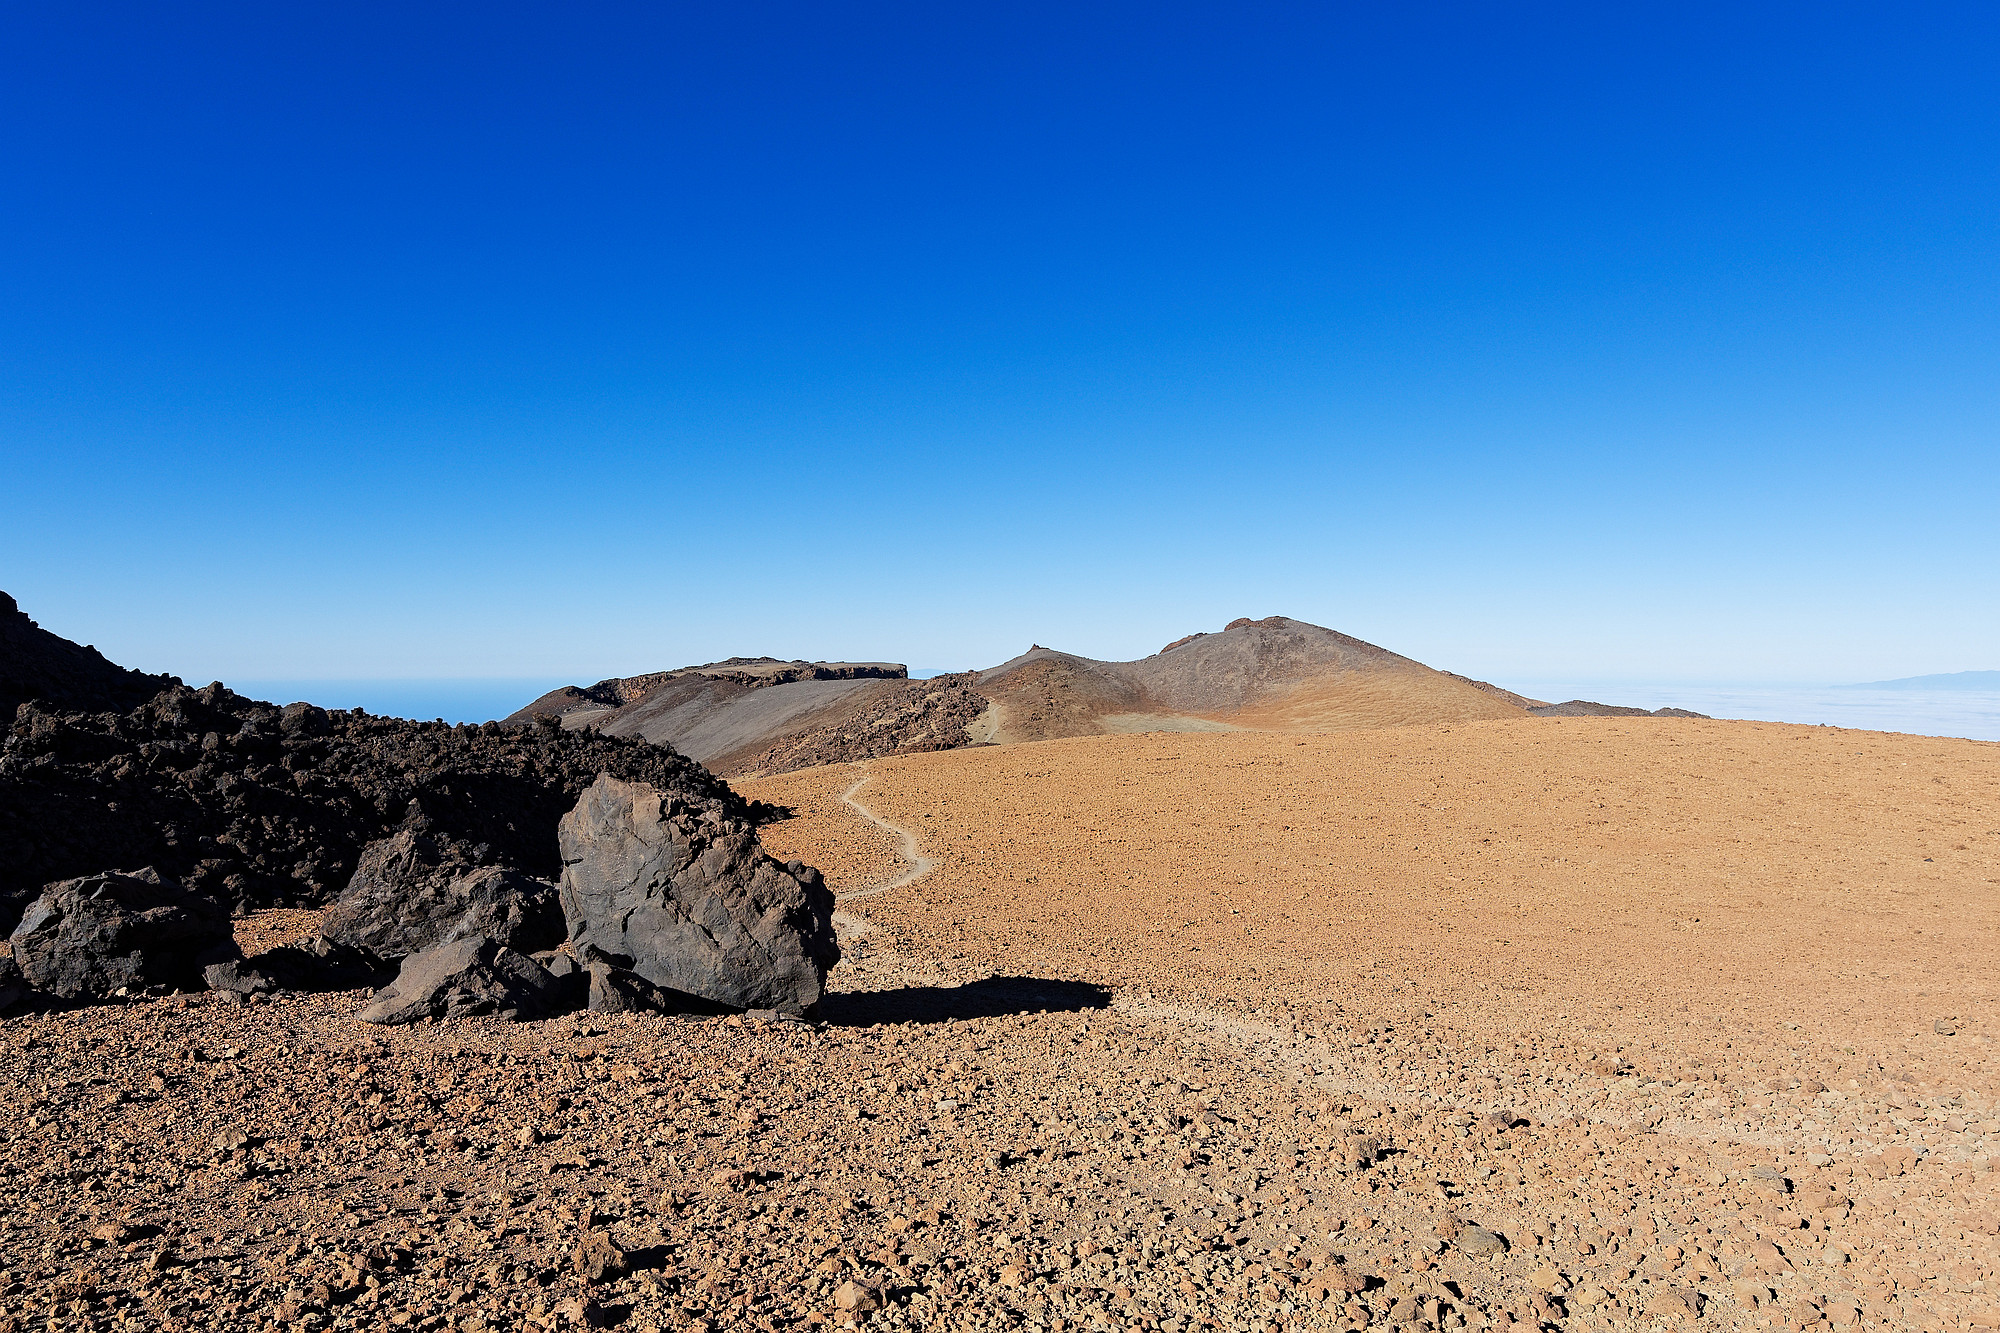 steinwüste pico viejo 2020-03-04